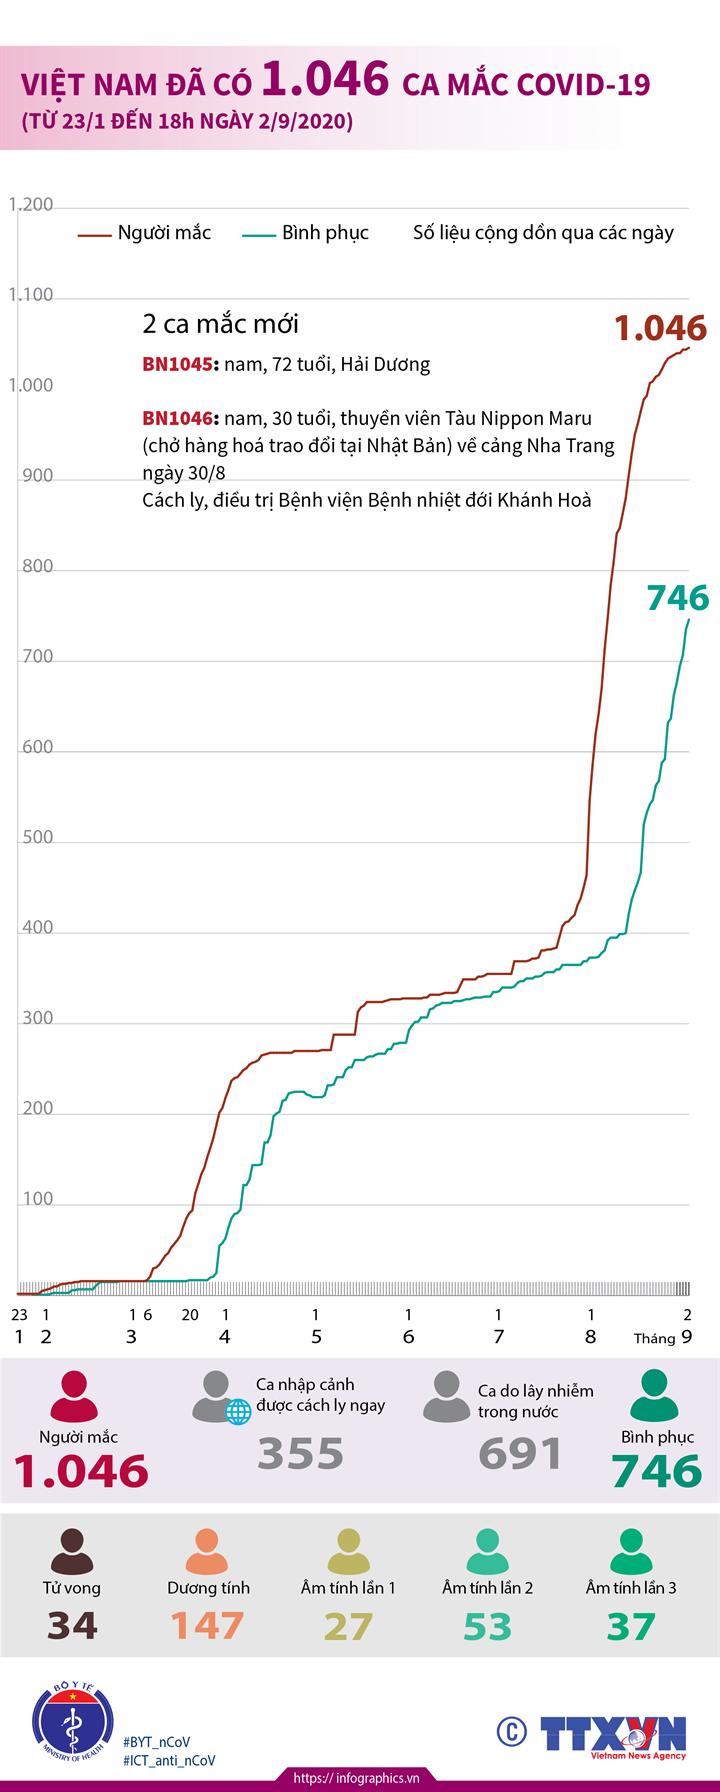 Việt Nam đã có 1.046 ca mắc COVID-19 (từ 23/1 đến 18h ngày 2/9/2020)